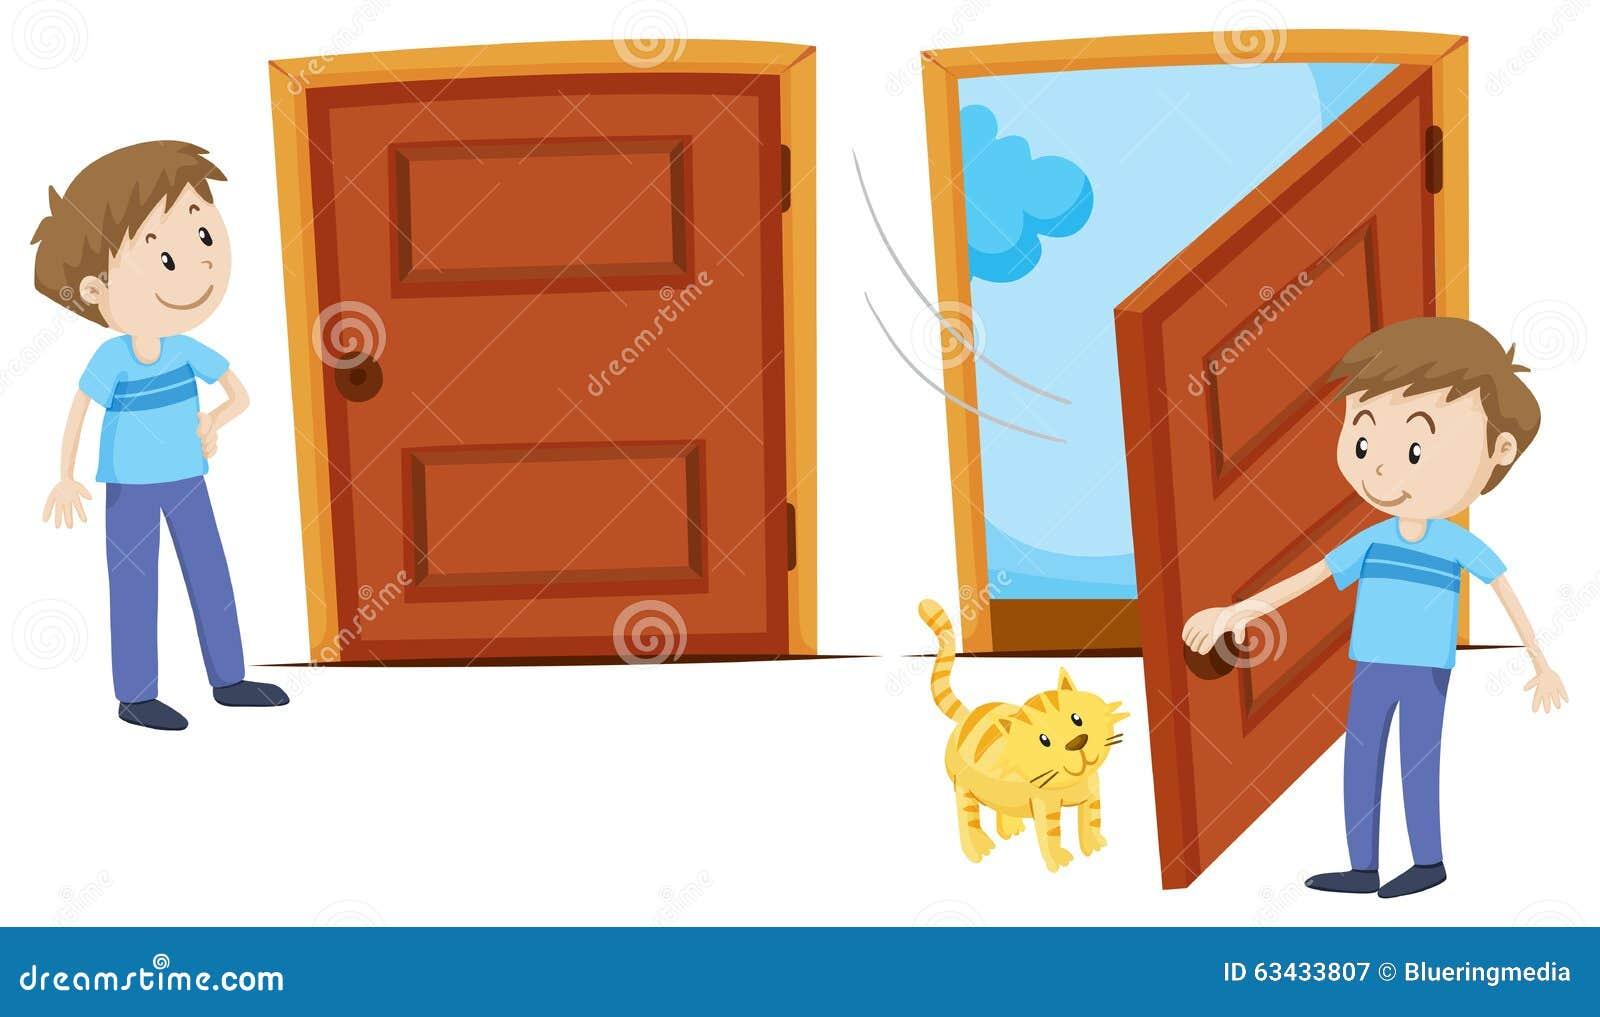 door holder clipart free - photo #45